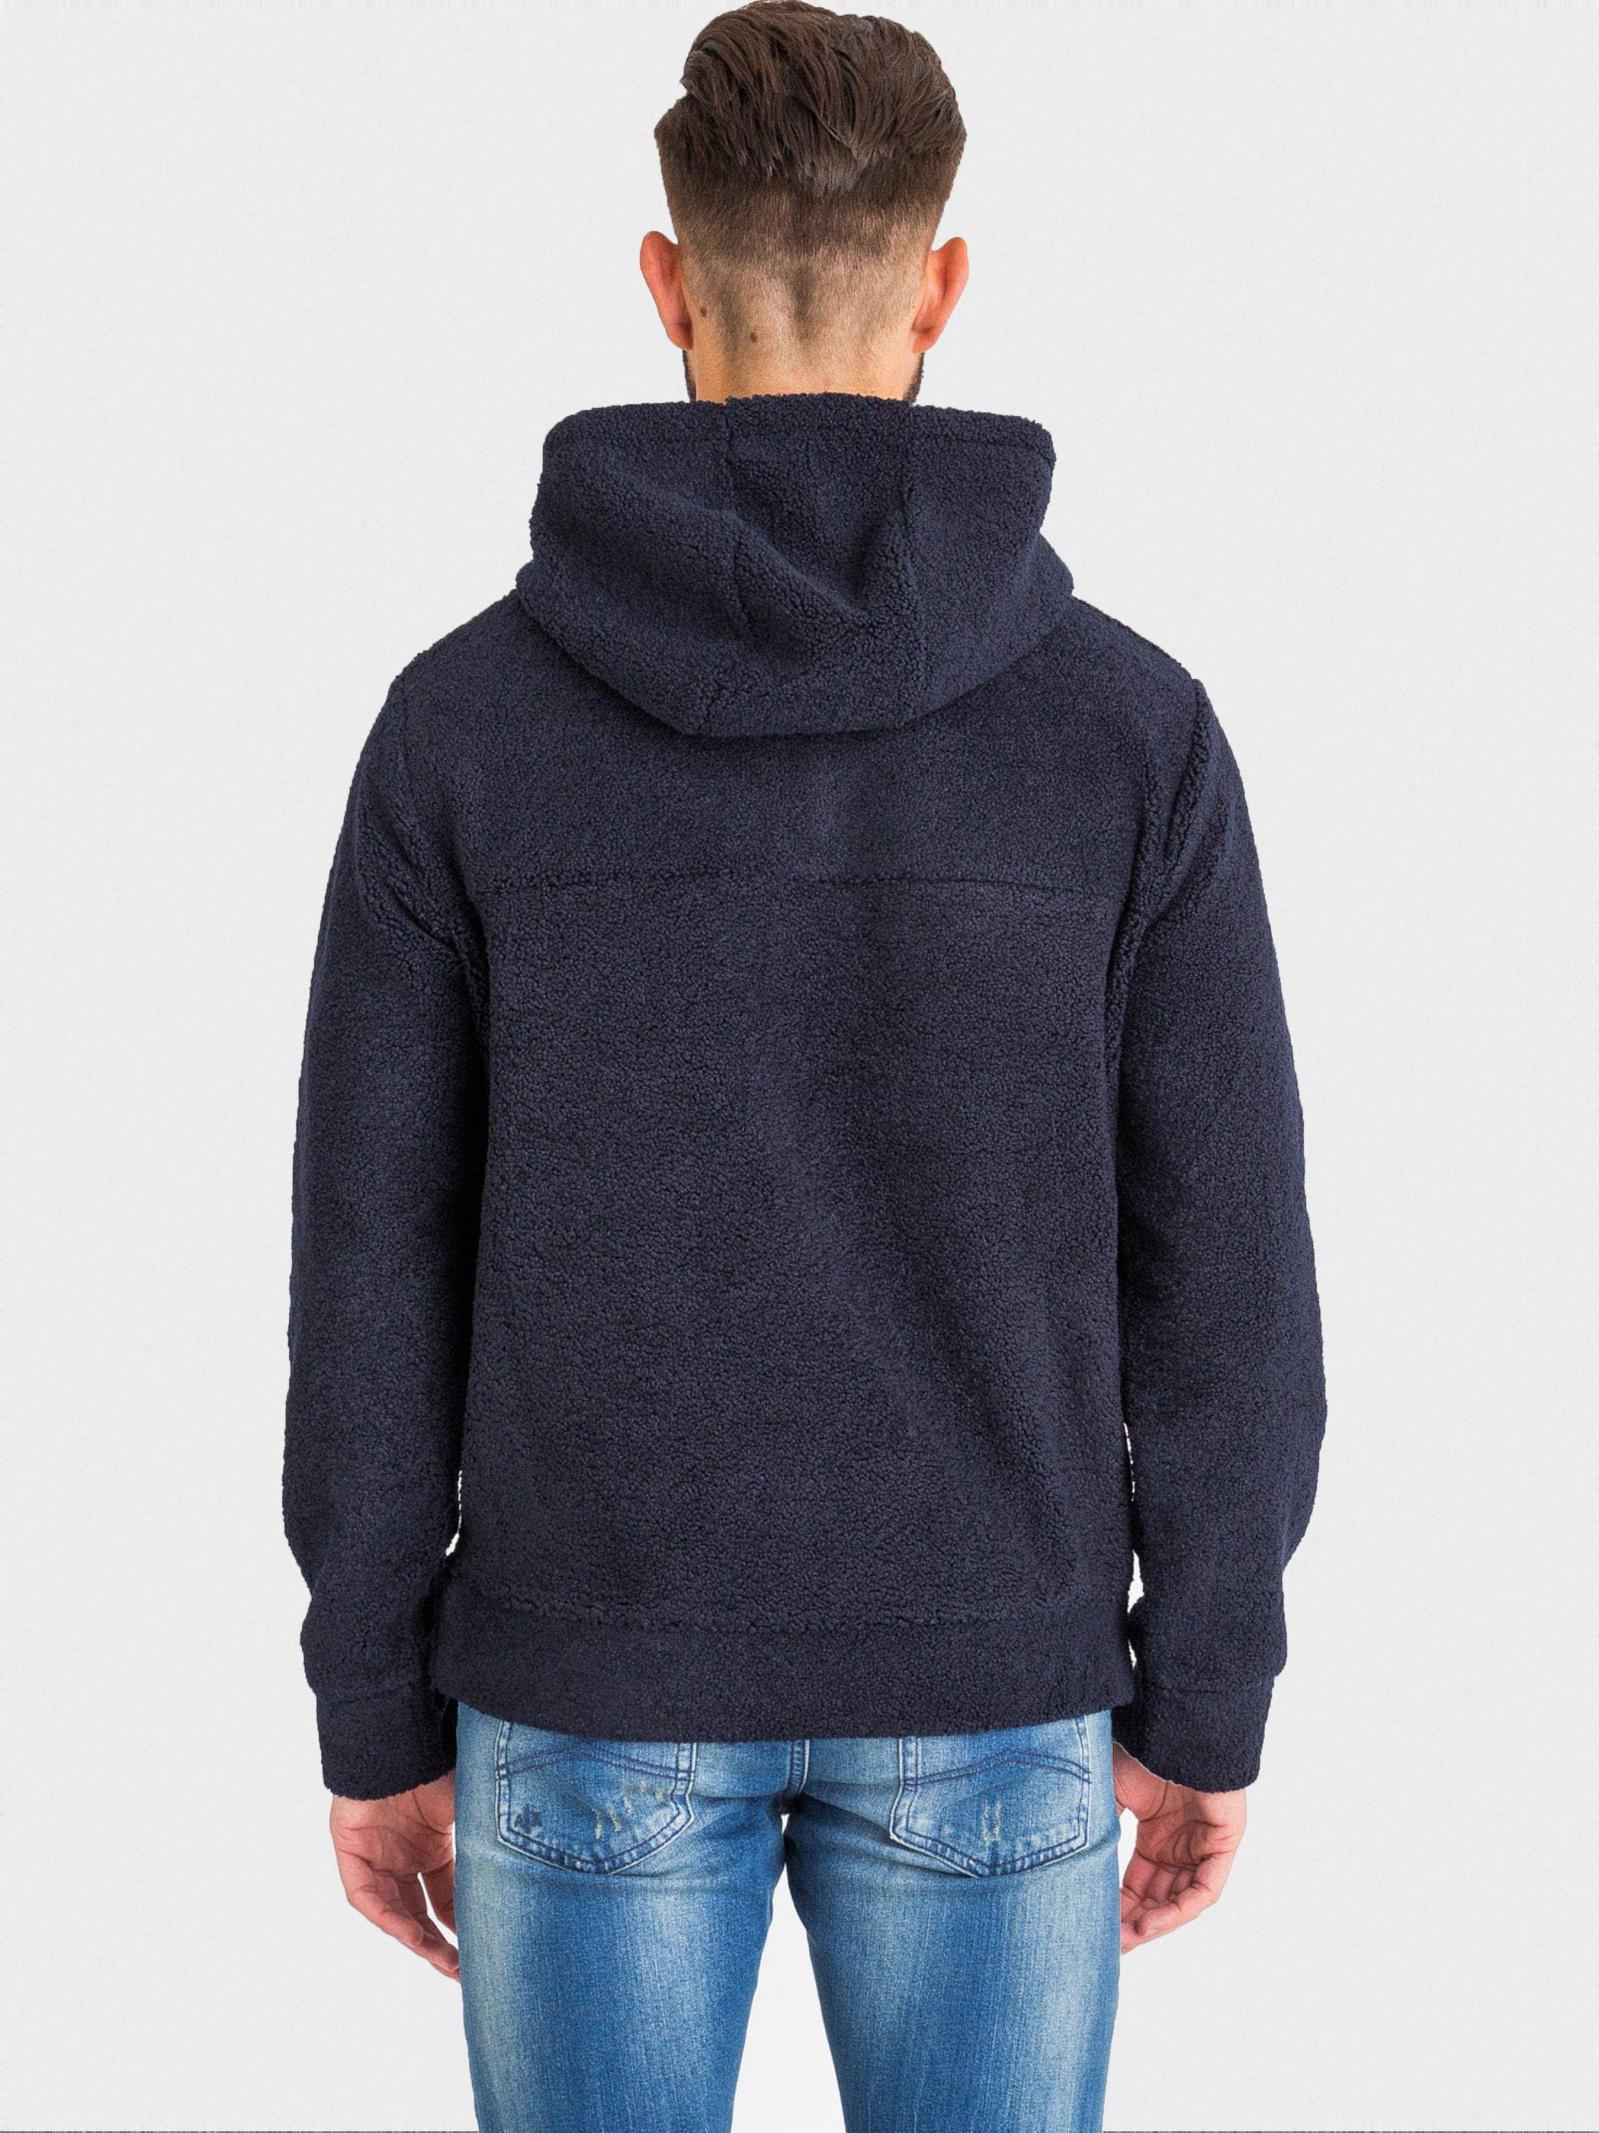 Armani Exchange Кофти та светри чоловічі модель 6GZMCC-ZJKSZ-1583 відгуки, 2017